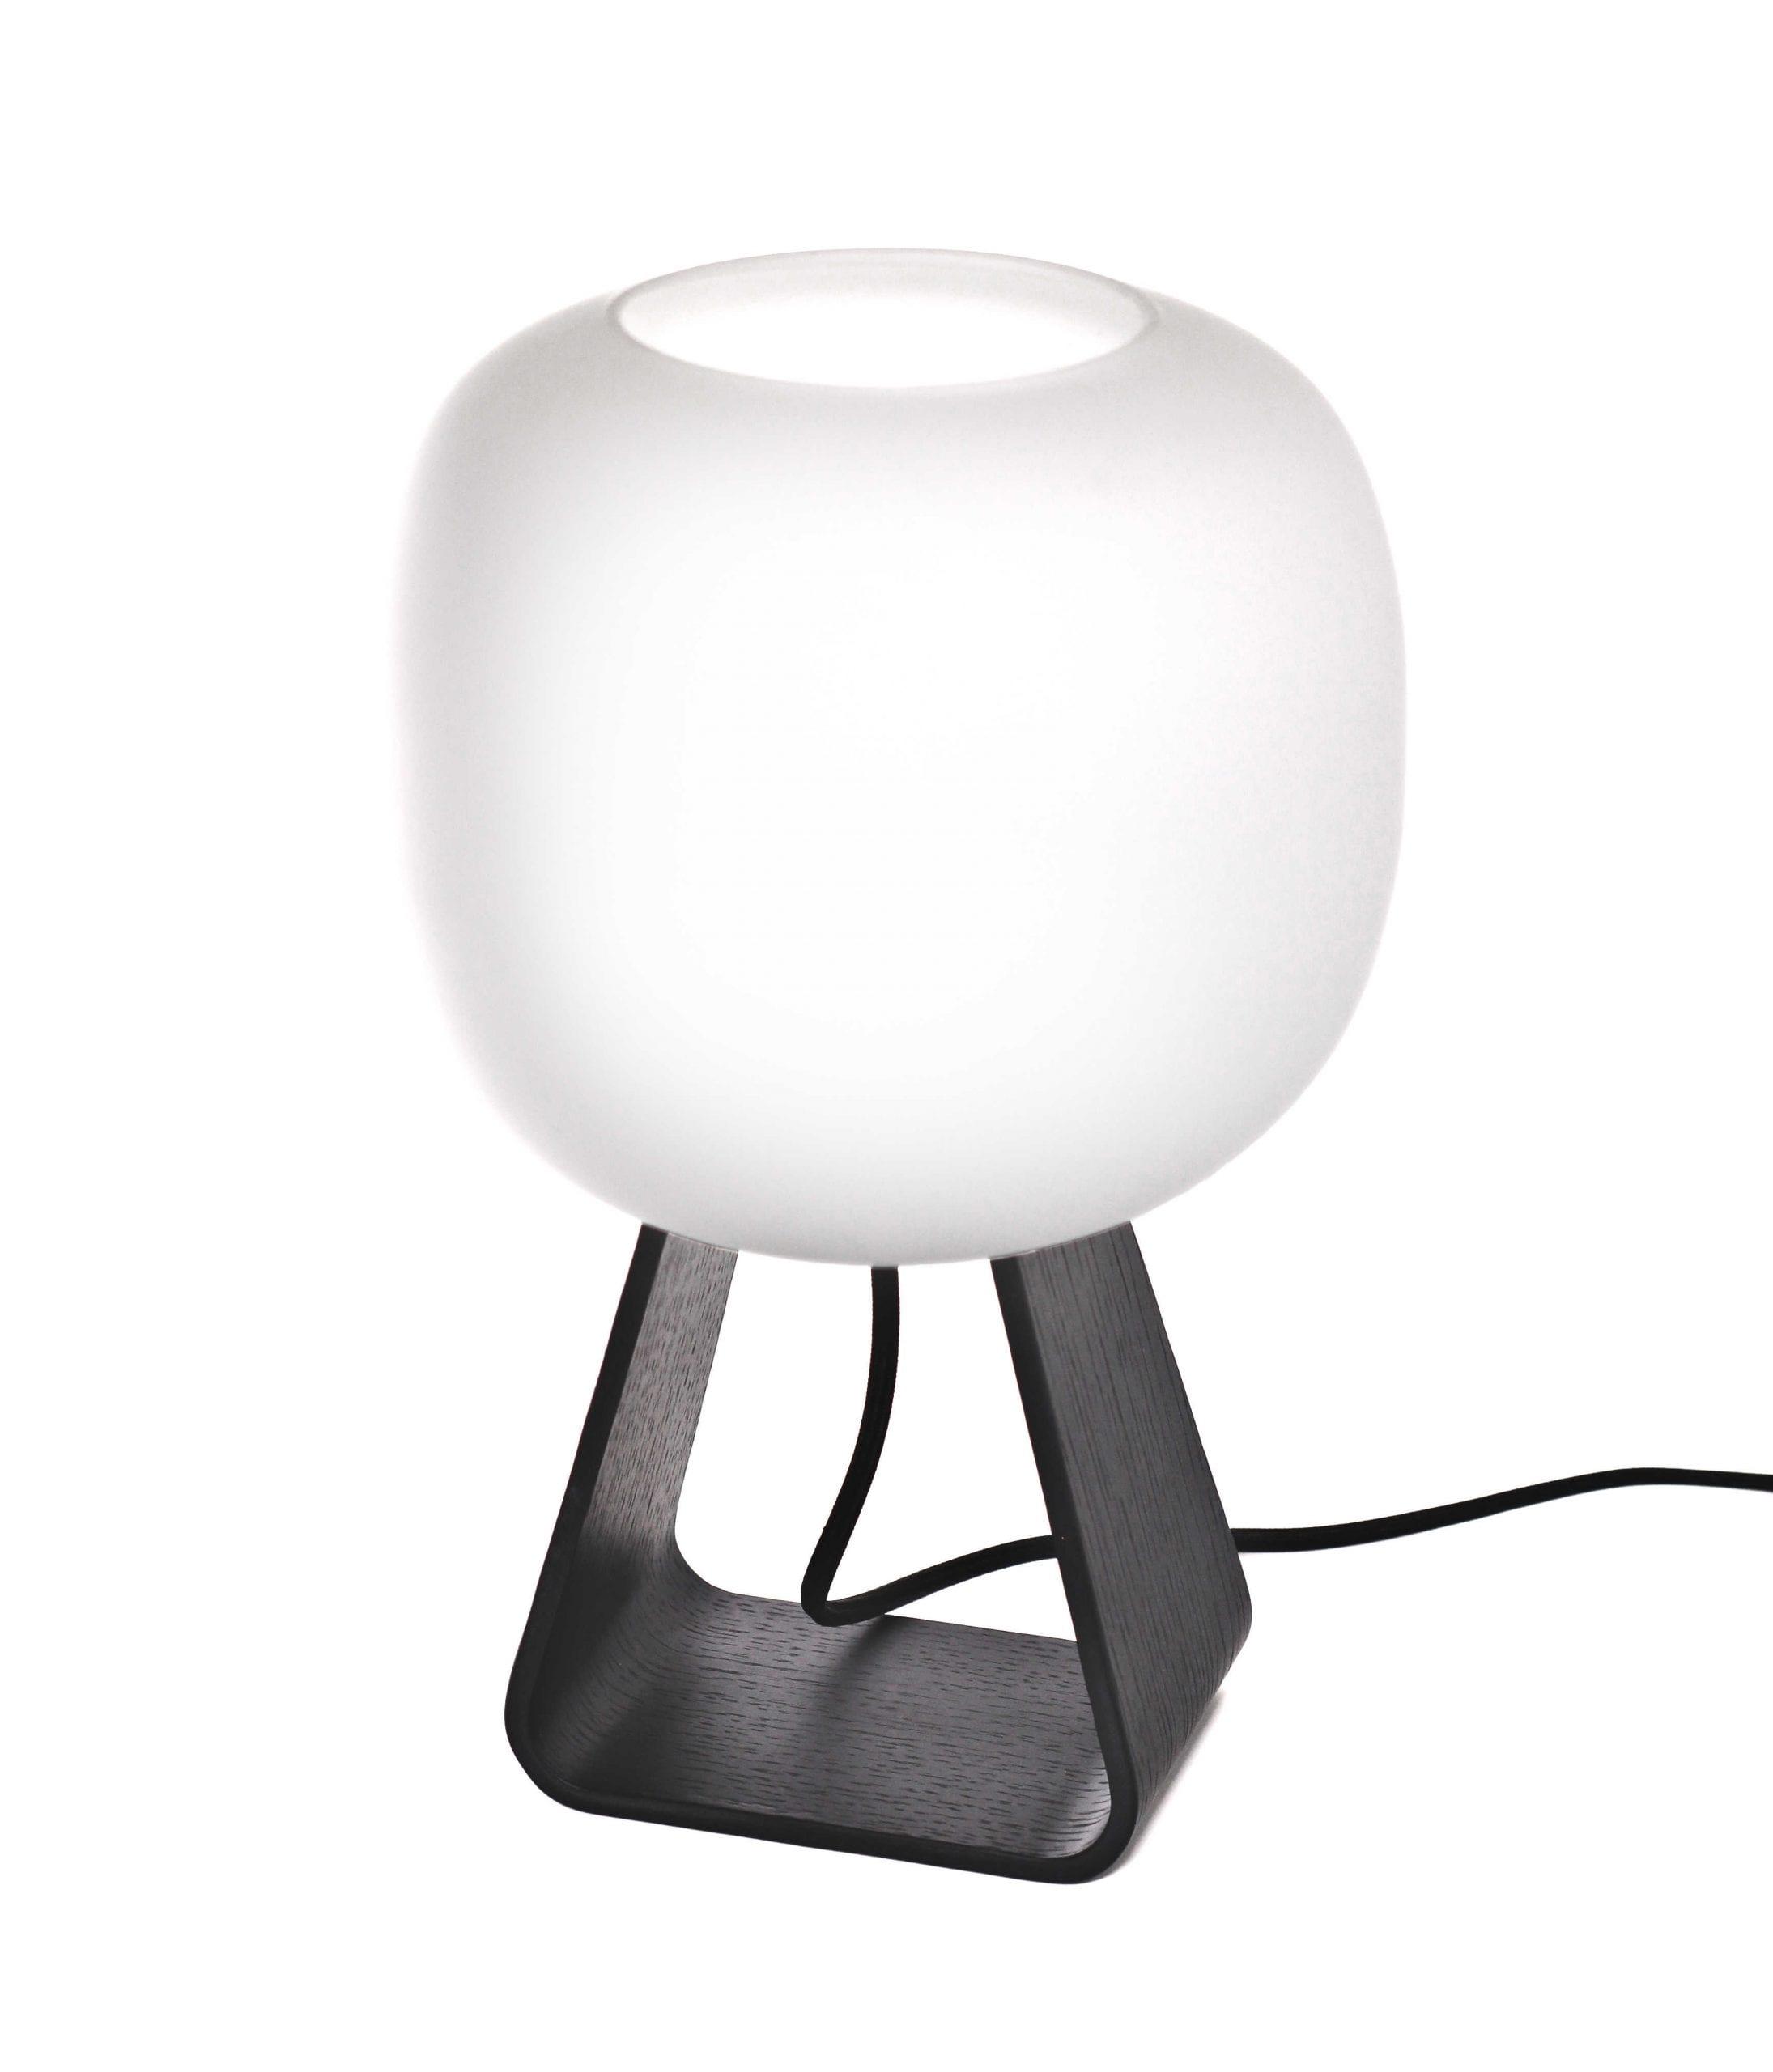 מנורת שולחן מעוצבת לסלון TOAD 1UP